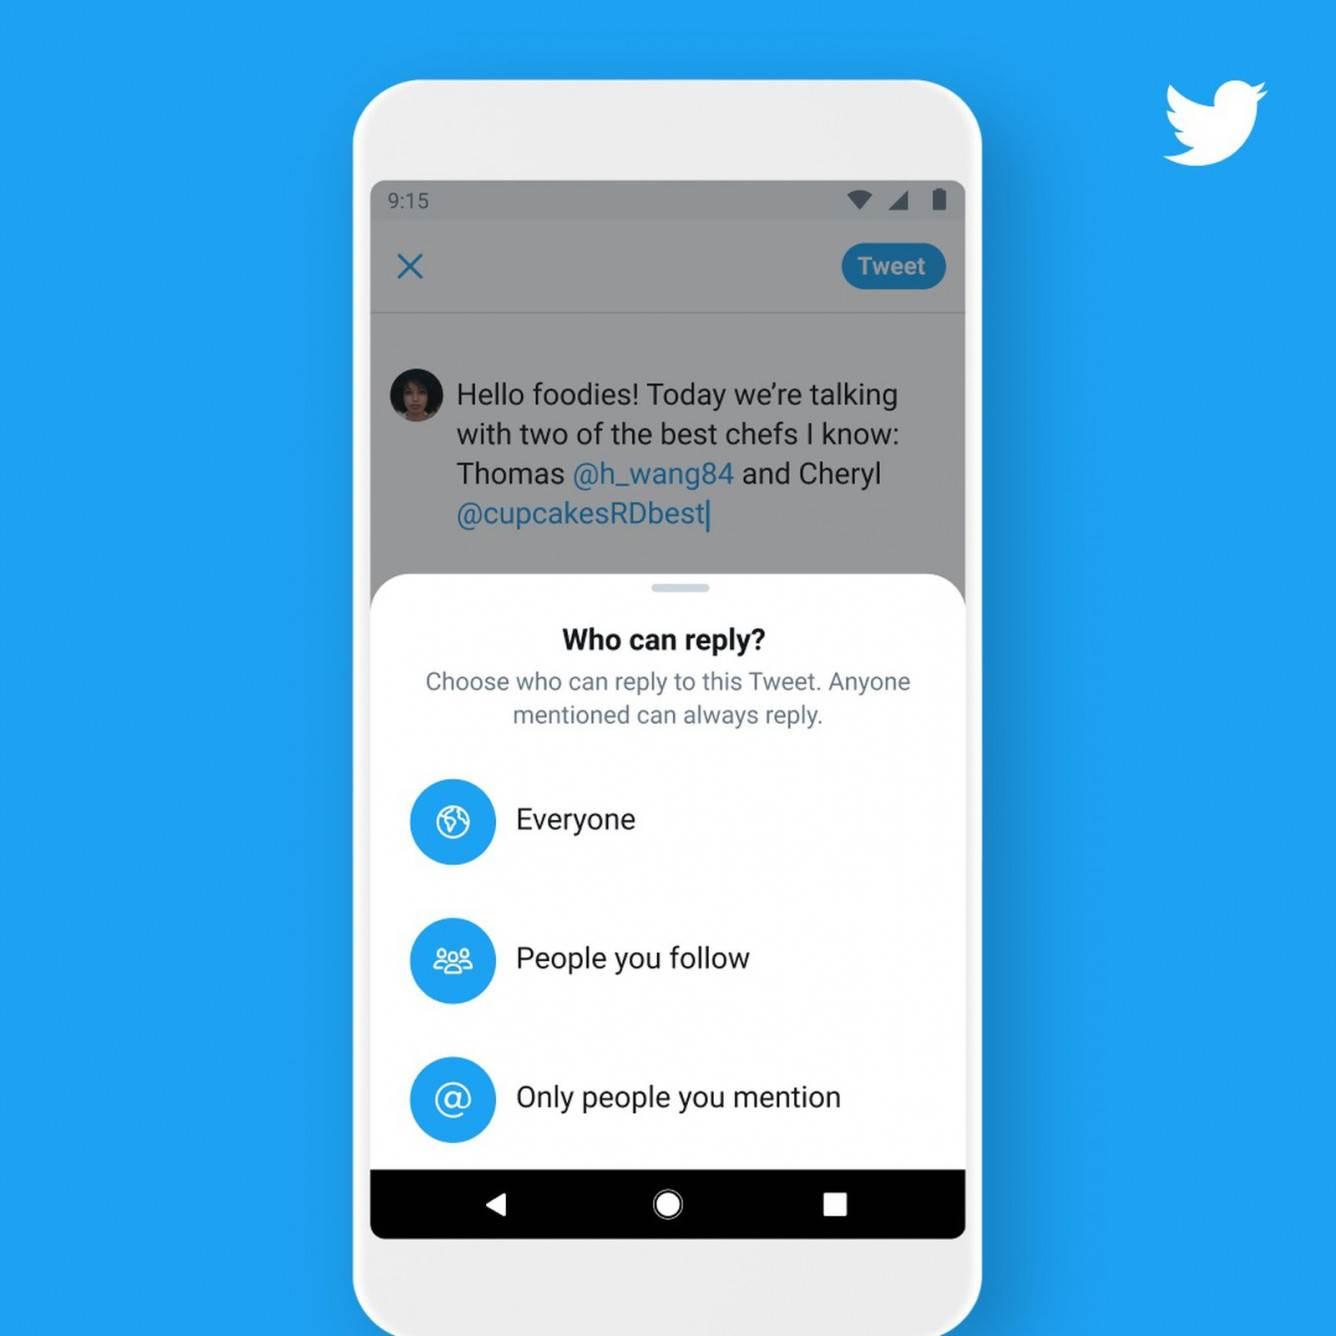 Twitter testuje funkcję ograniczenia odpowiedzi polecane, ciekawostki Twitter, ograniczenia odpowiedzi  Serwis Twitter zaczął testować funkcję, która pozwala ograniczyć możliwość reagowania na tweety. Ta innowacja została ogłoszona na targach CES 2020 w styczniu. twitterconversationsettings1